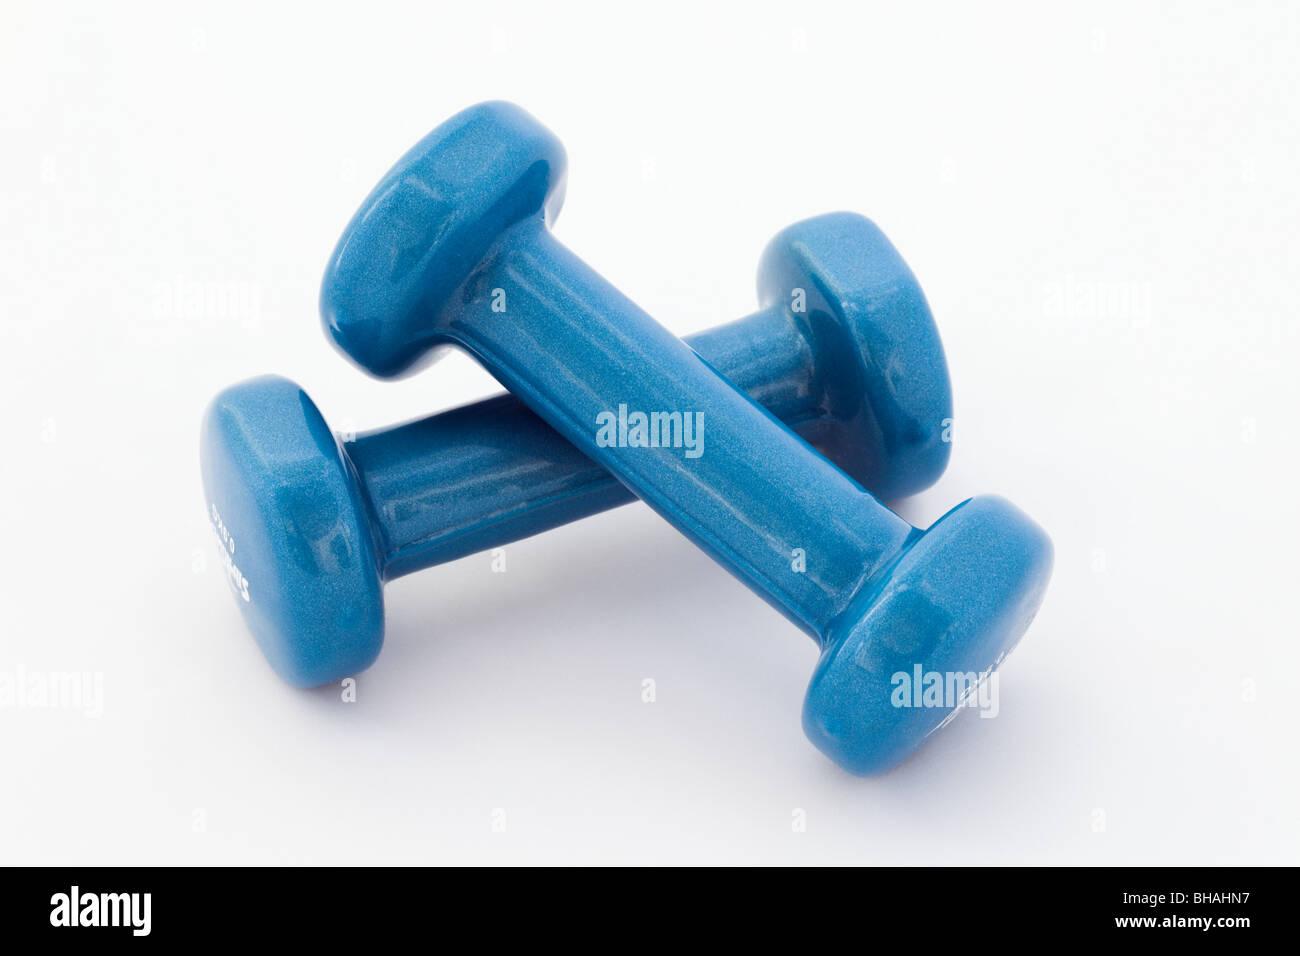 Par de azul pequeño pesa ejercicio pesas cortan y aislado sobre un fondo blanco. Foto de stock